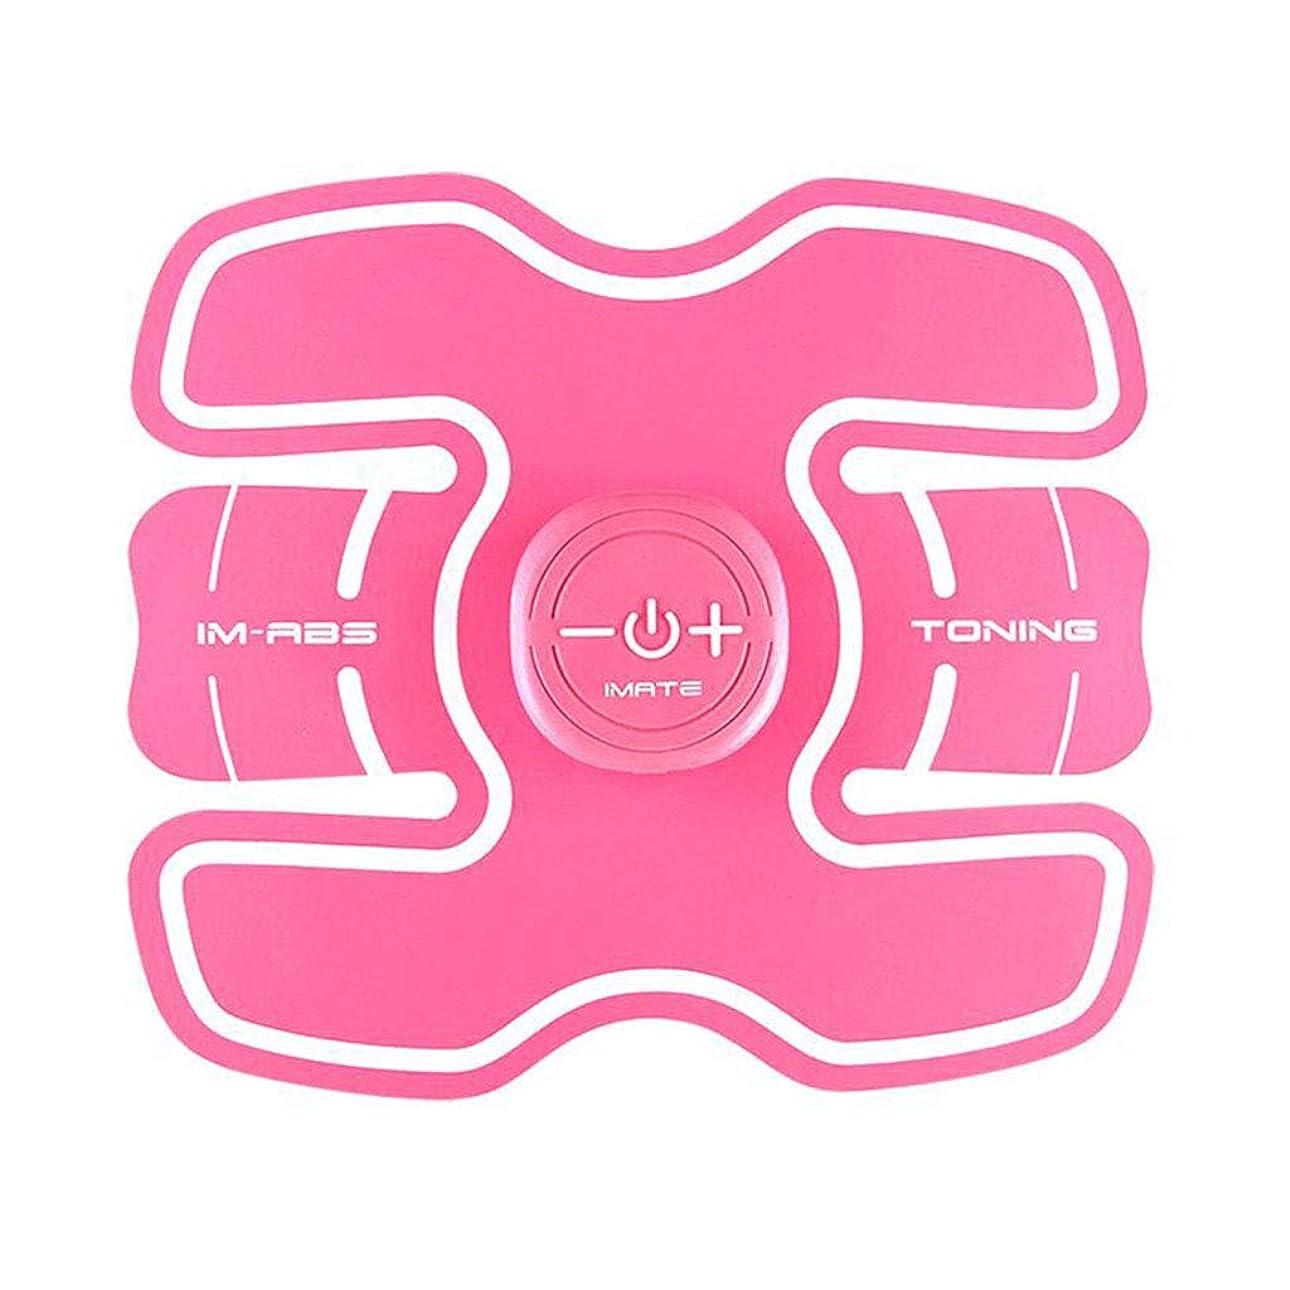 ホバー高齢者シリーズフィットネス薄いベルト、怠惰なボディシェイピング筋刺激装置腹筋トレーナーボディービルディング腹部ベルトホームオフィスレディース減量機器 (Color : PINK, Size : 46.5*46.5*14.5CM)